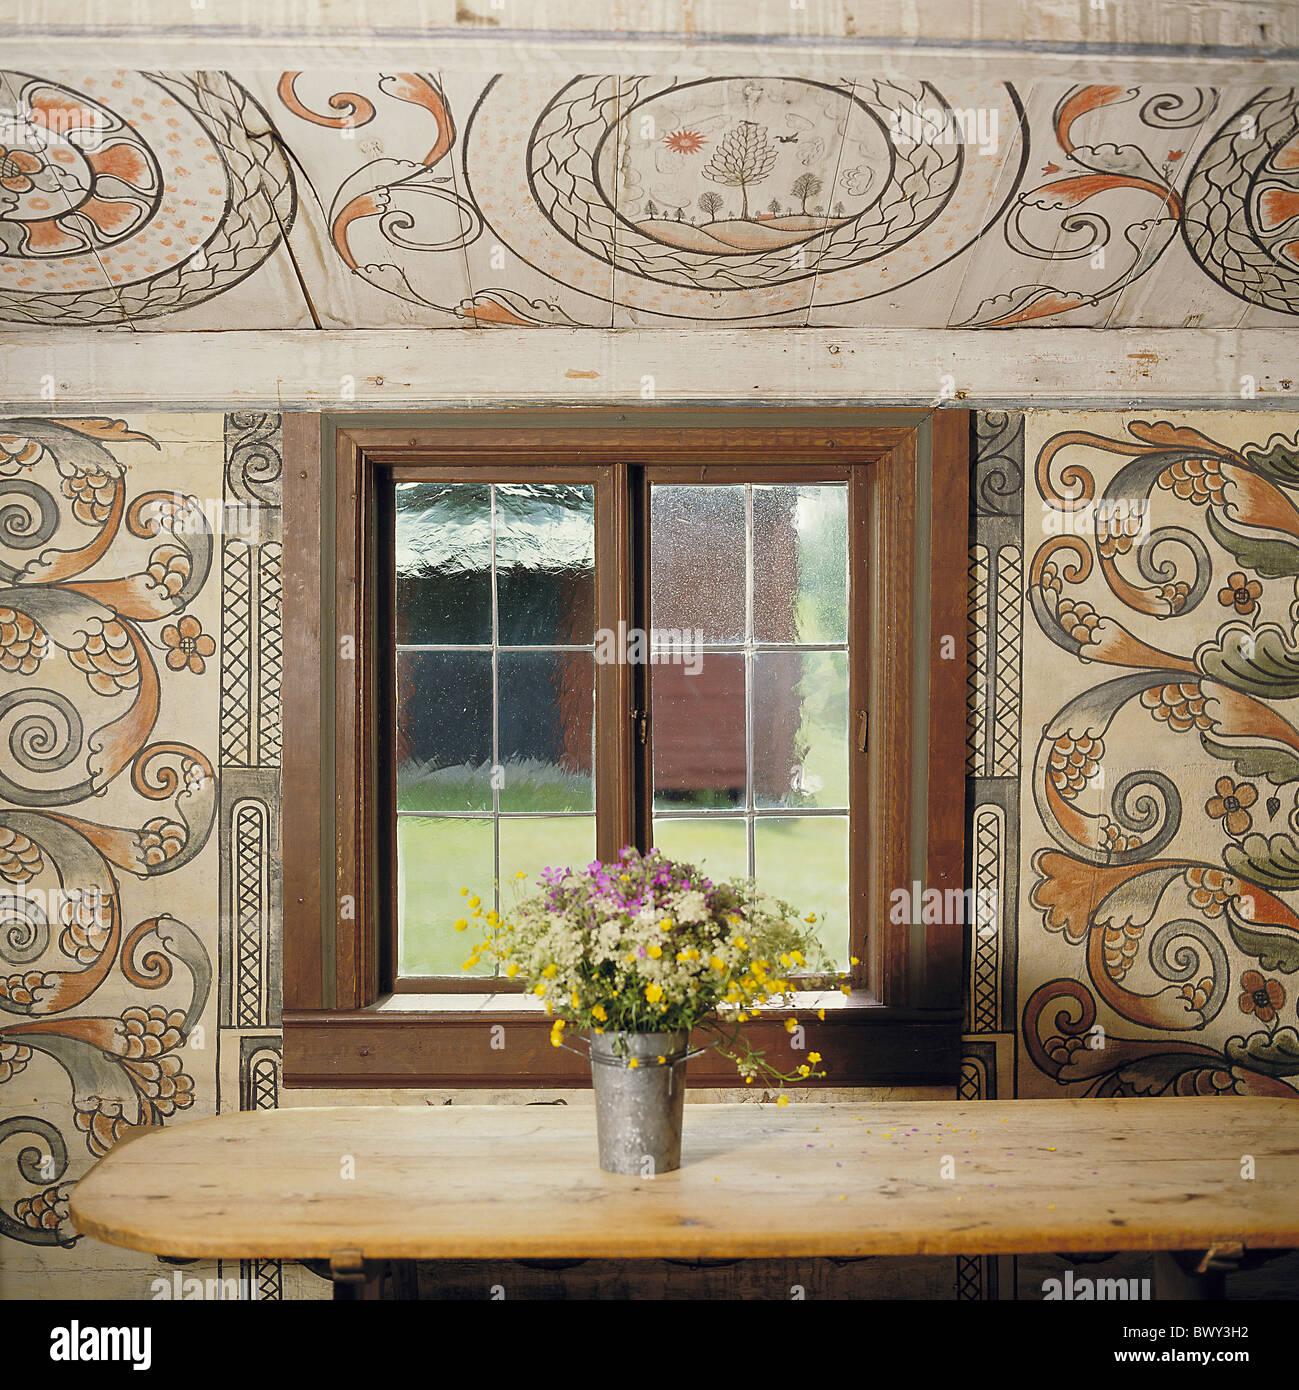 Suecia Europa Arte Artesania Pintura Mural Granja Escritorio Ventana